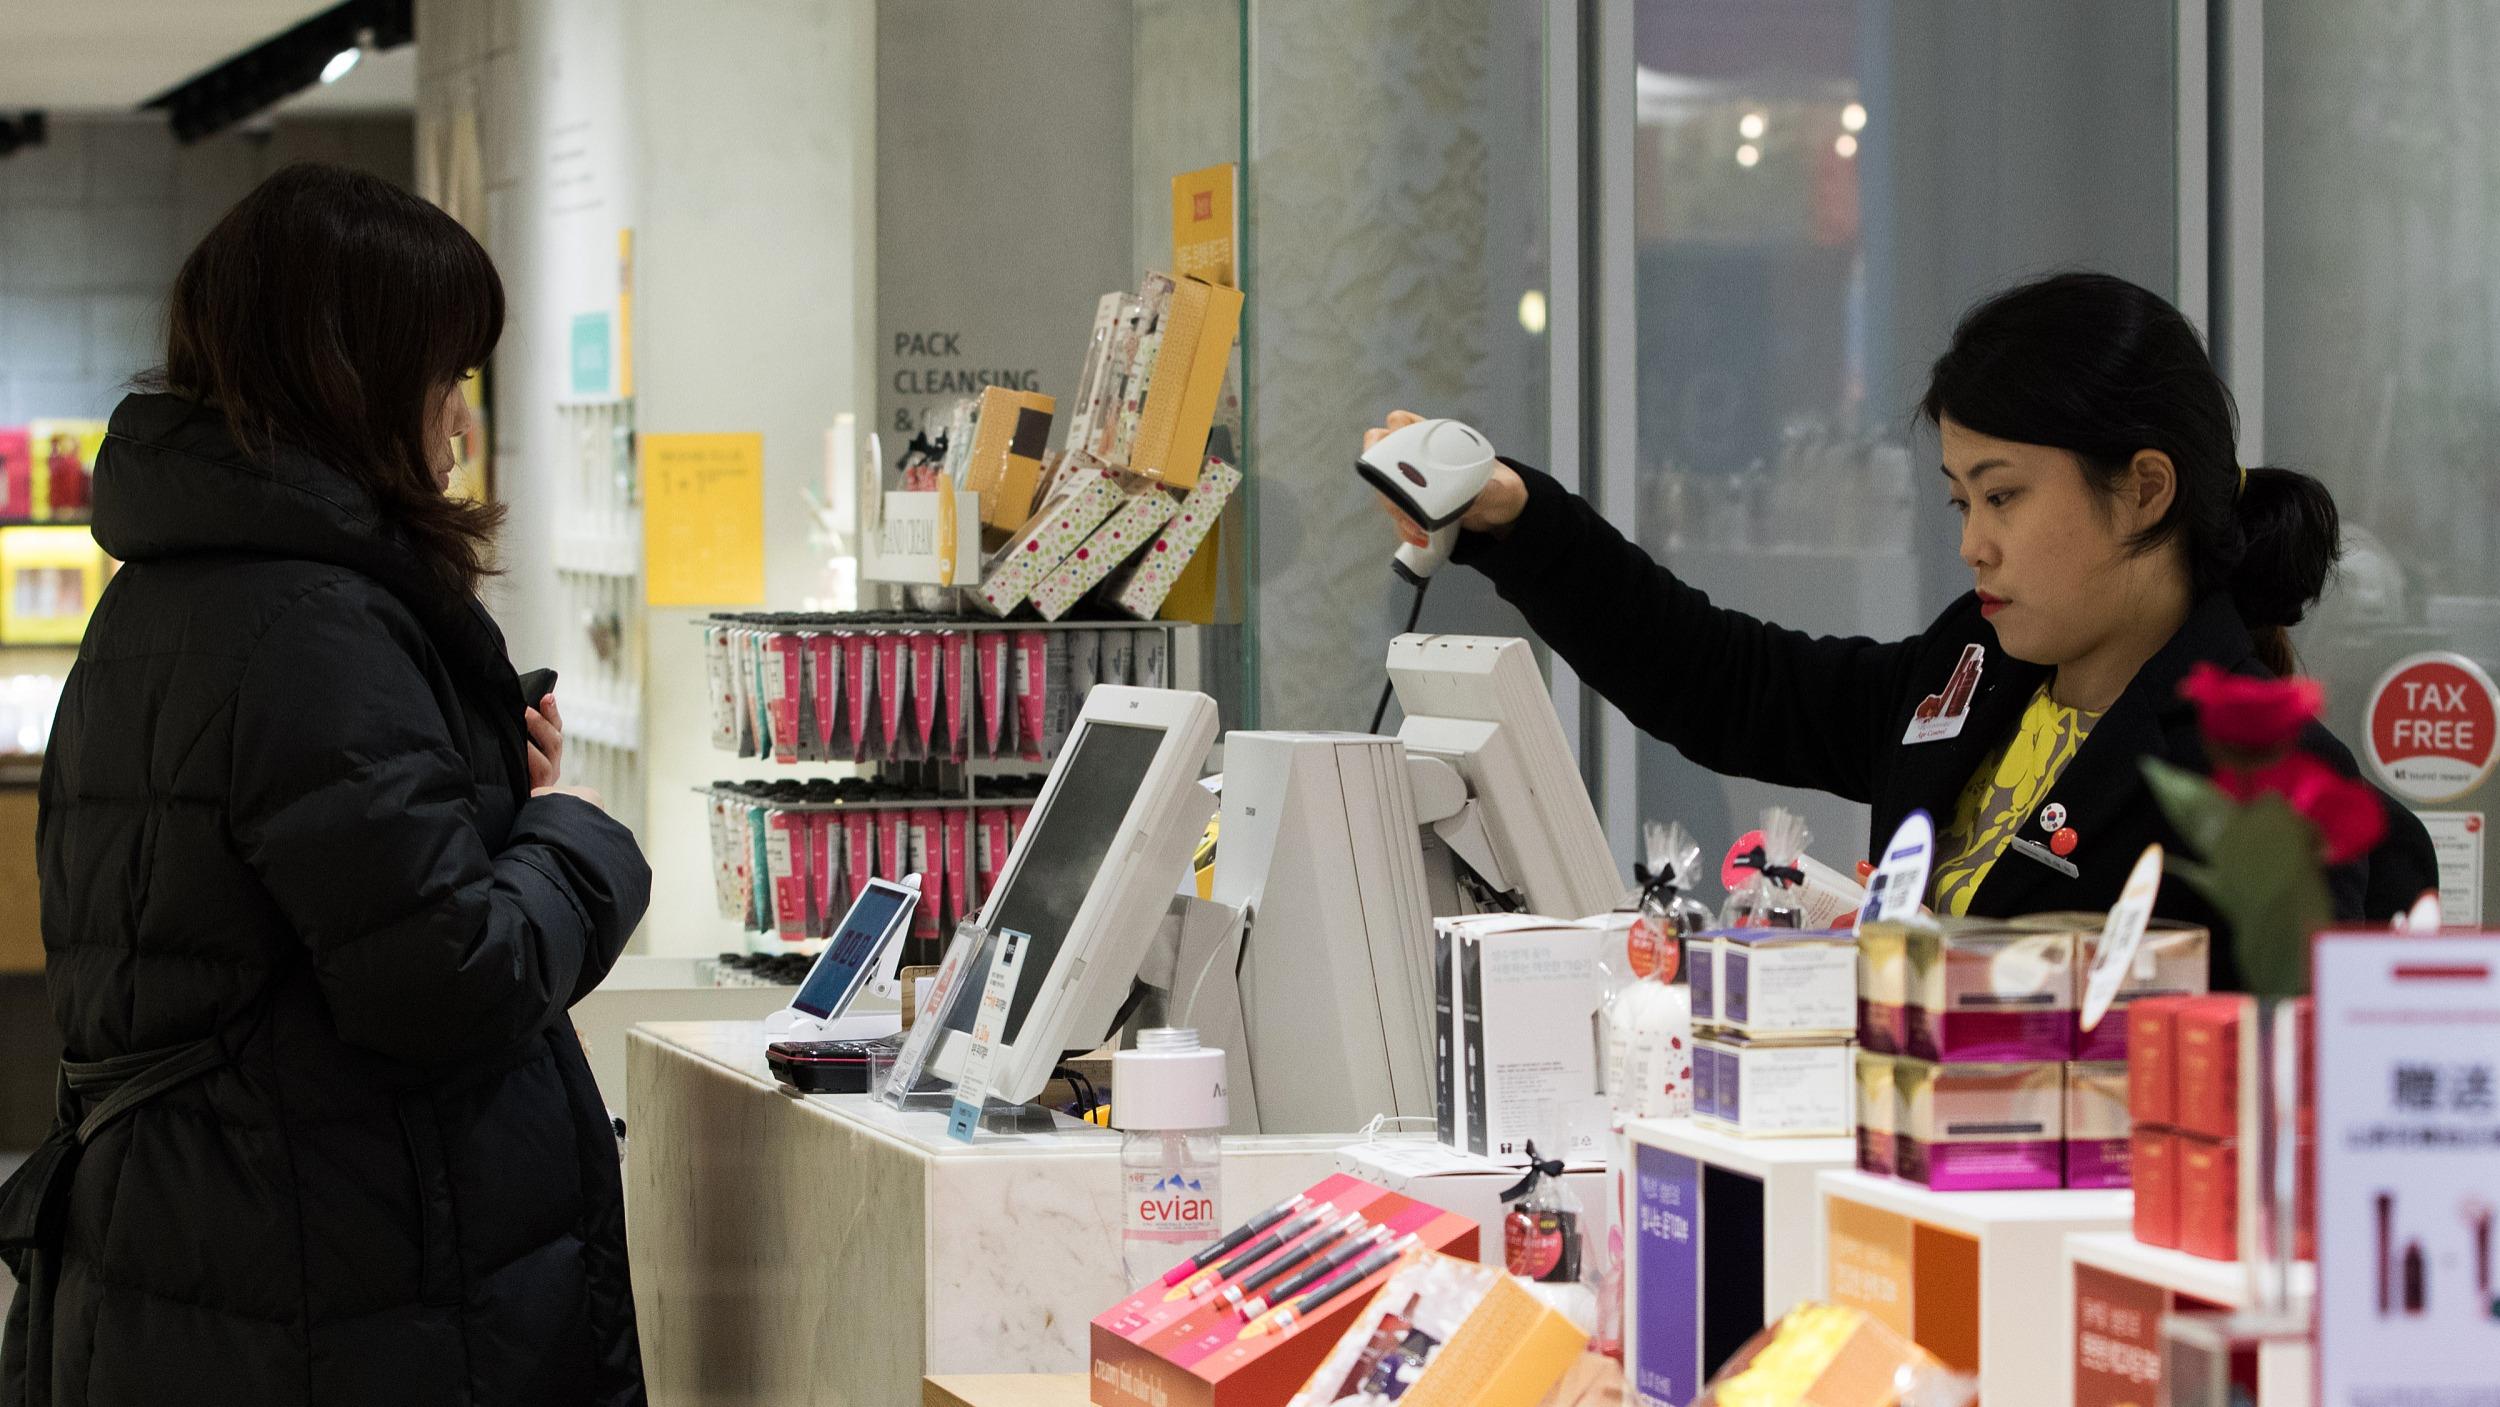 靠破产促销的露华浓,中国姑娘看不上了